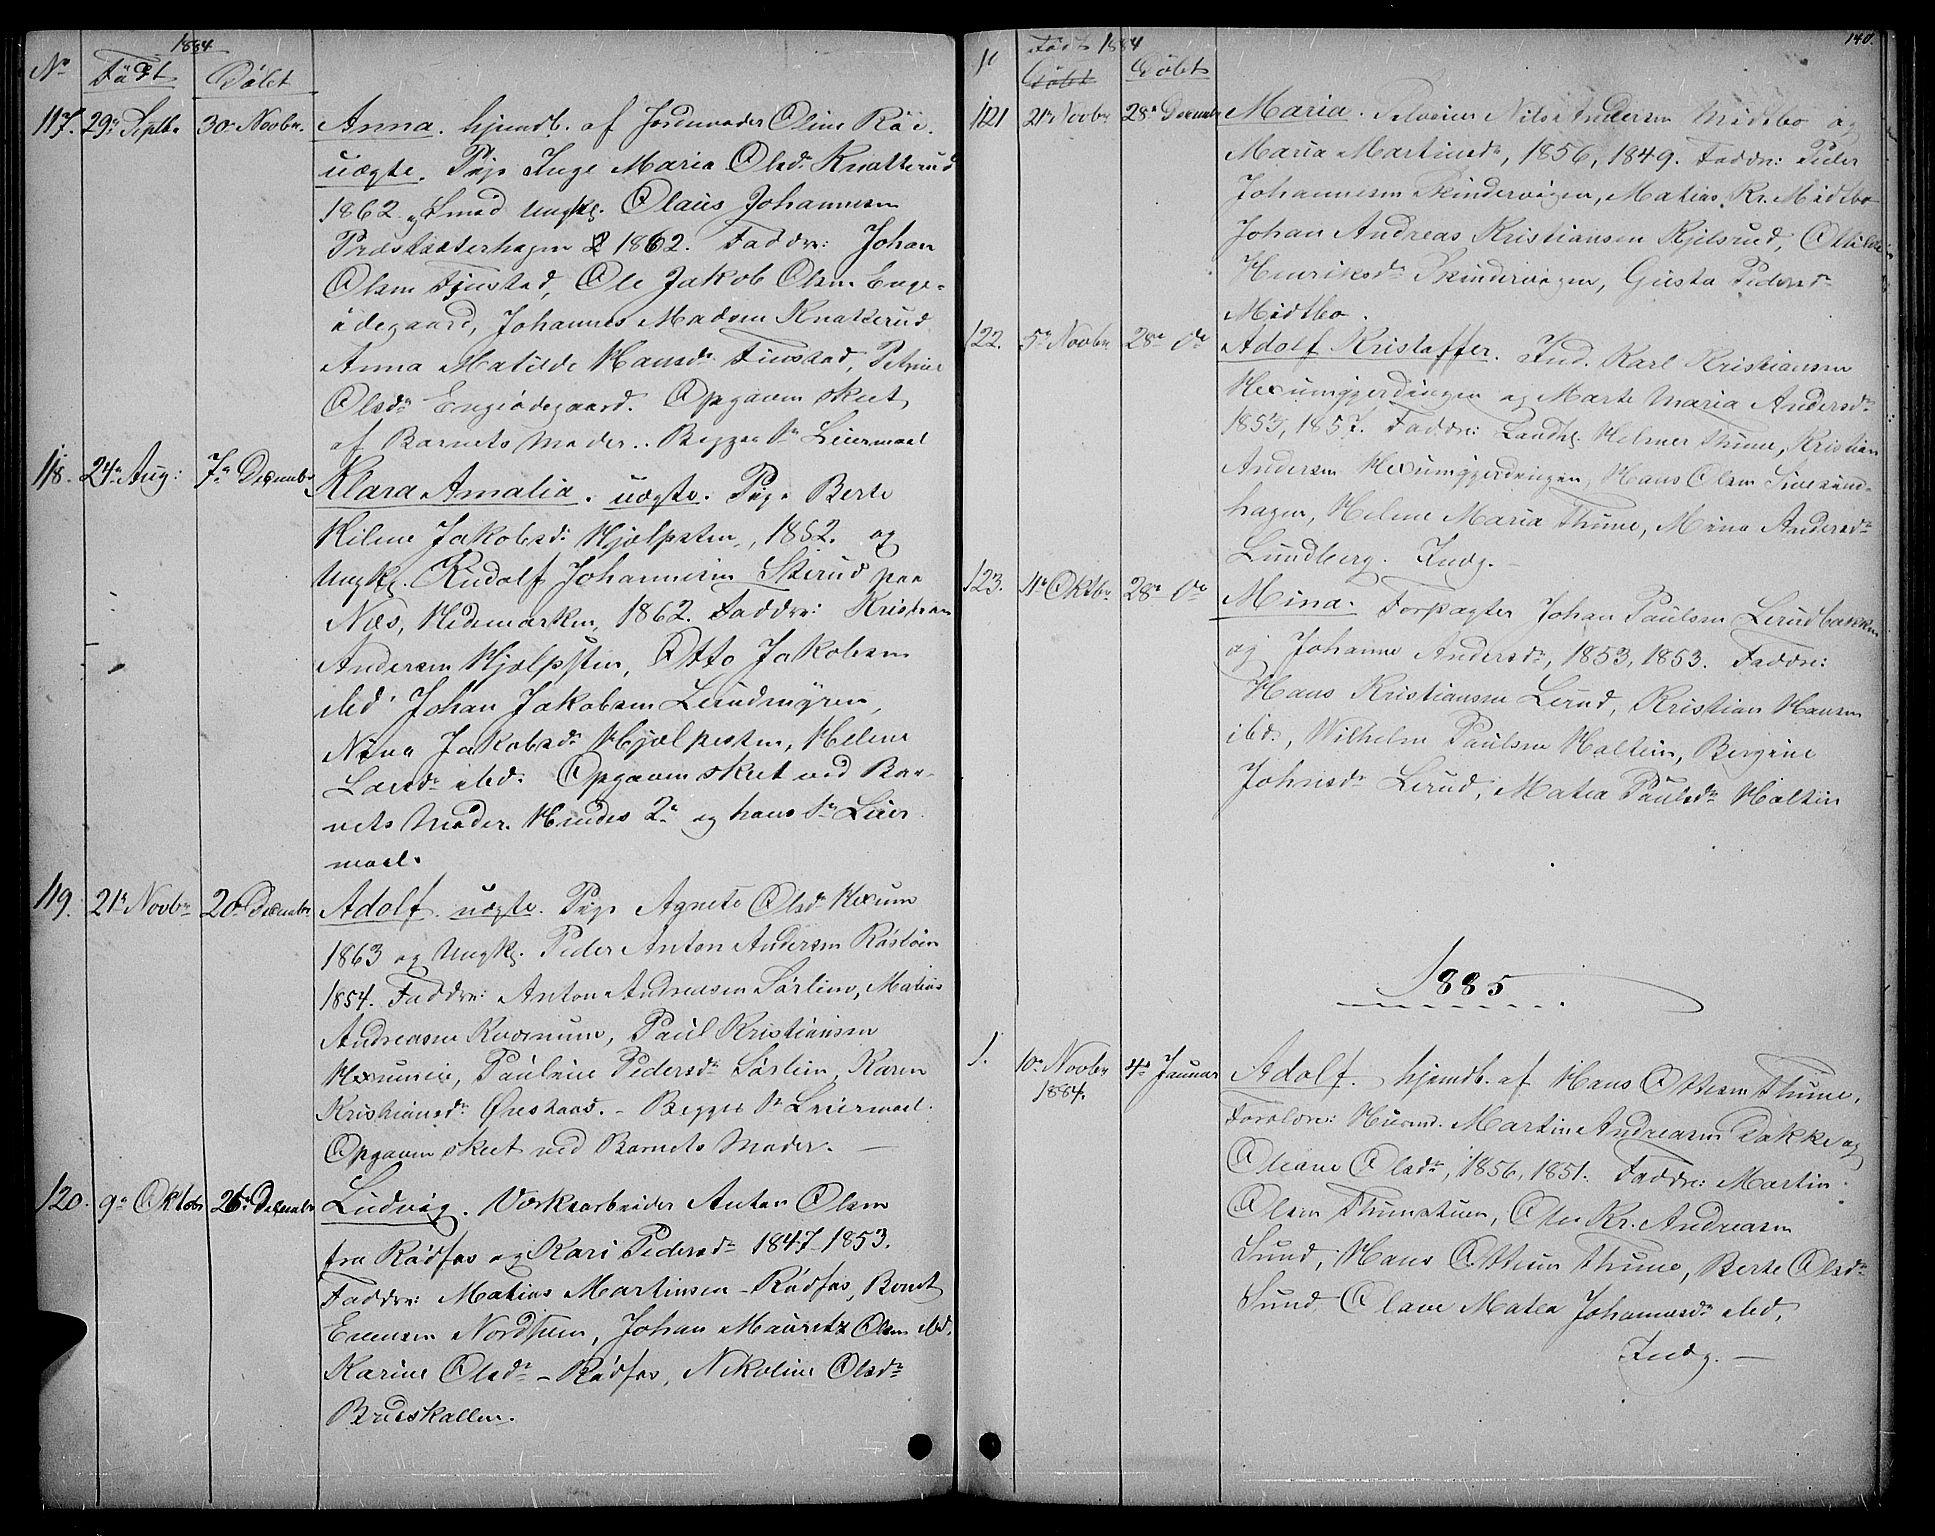 SAH, Vestre Toten prestekontor, Klokkerbok nr. 6, 1870-1887, s. 140